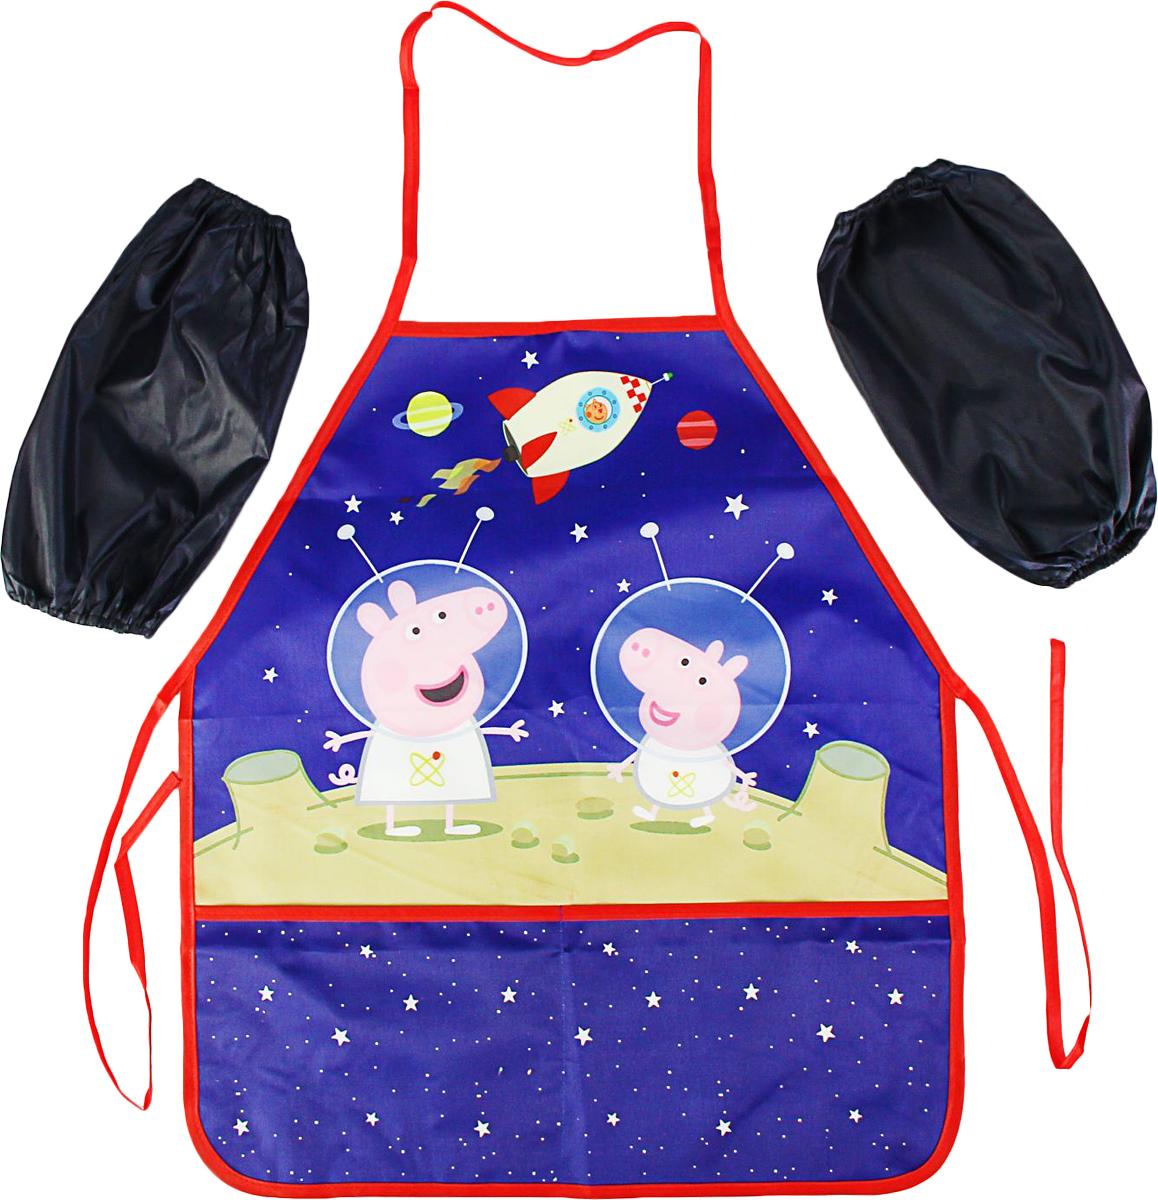 Peppa Pig Фартук детский для труда с нарукавниками Космос -  Аксессуары для труда